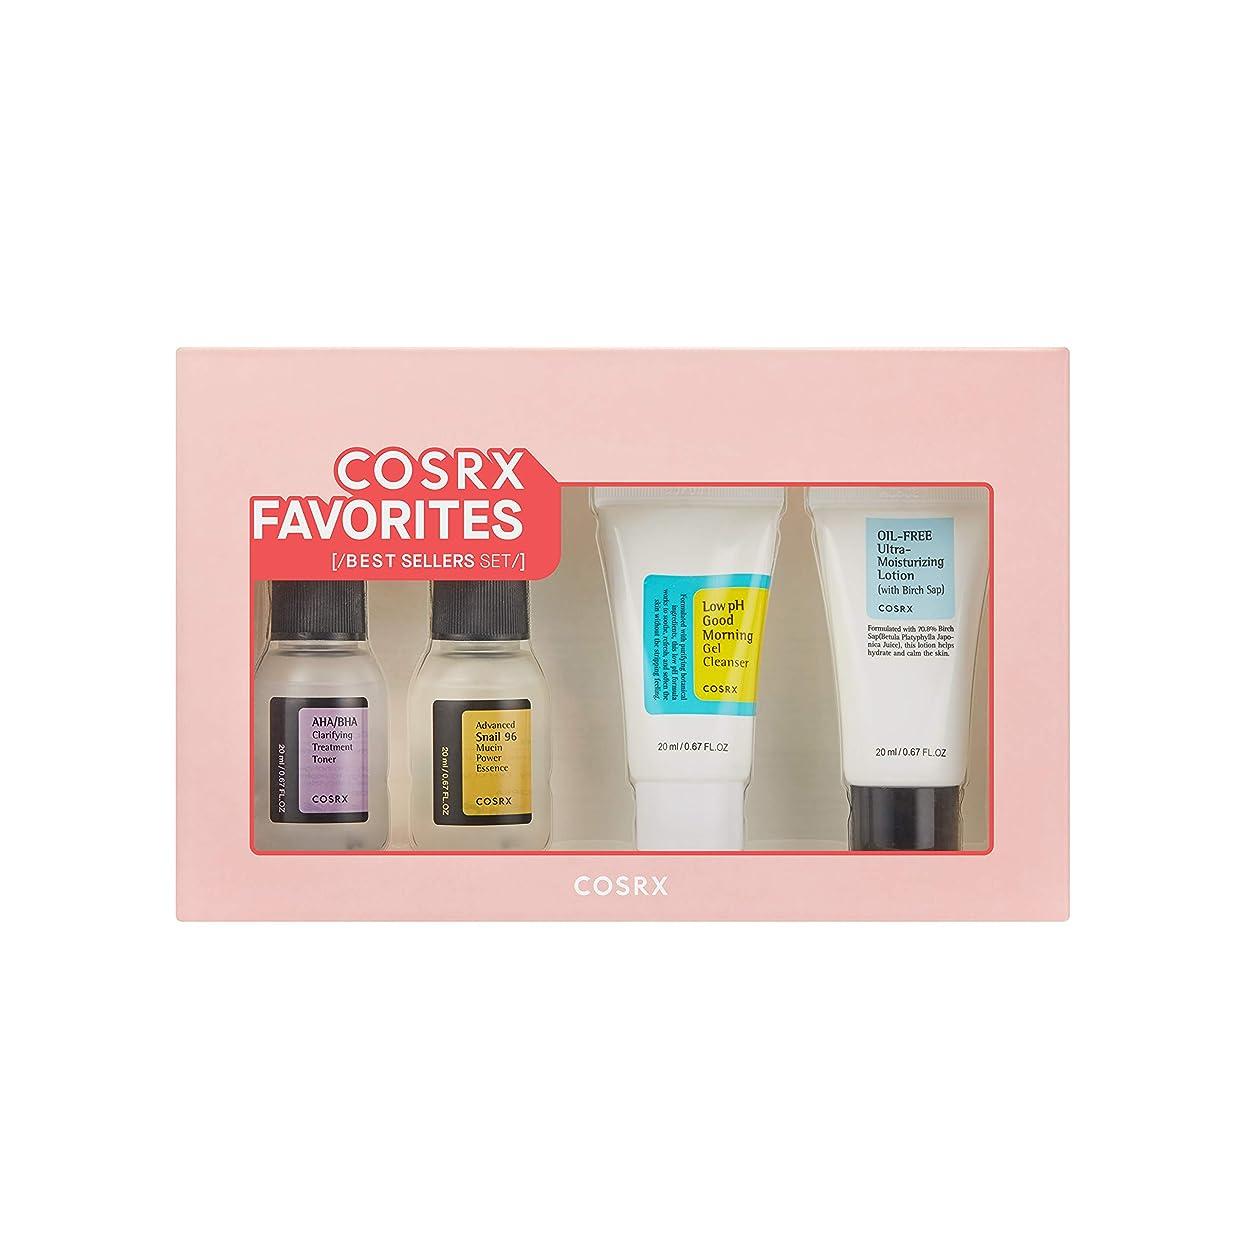 気づかない承知しました非行COSRX Favorites Best Sellers Set - Mini Sized Low pH Good Morning Gel Cleanser, AHA/BHA Clarifying Treatment Toner, Advanced Snail 96 Mucin Power Essence, Oil-Free Ultra Moisturizing Lotion (並行輸入品)